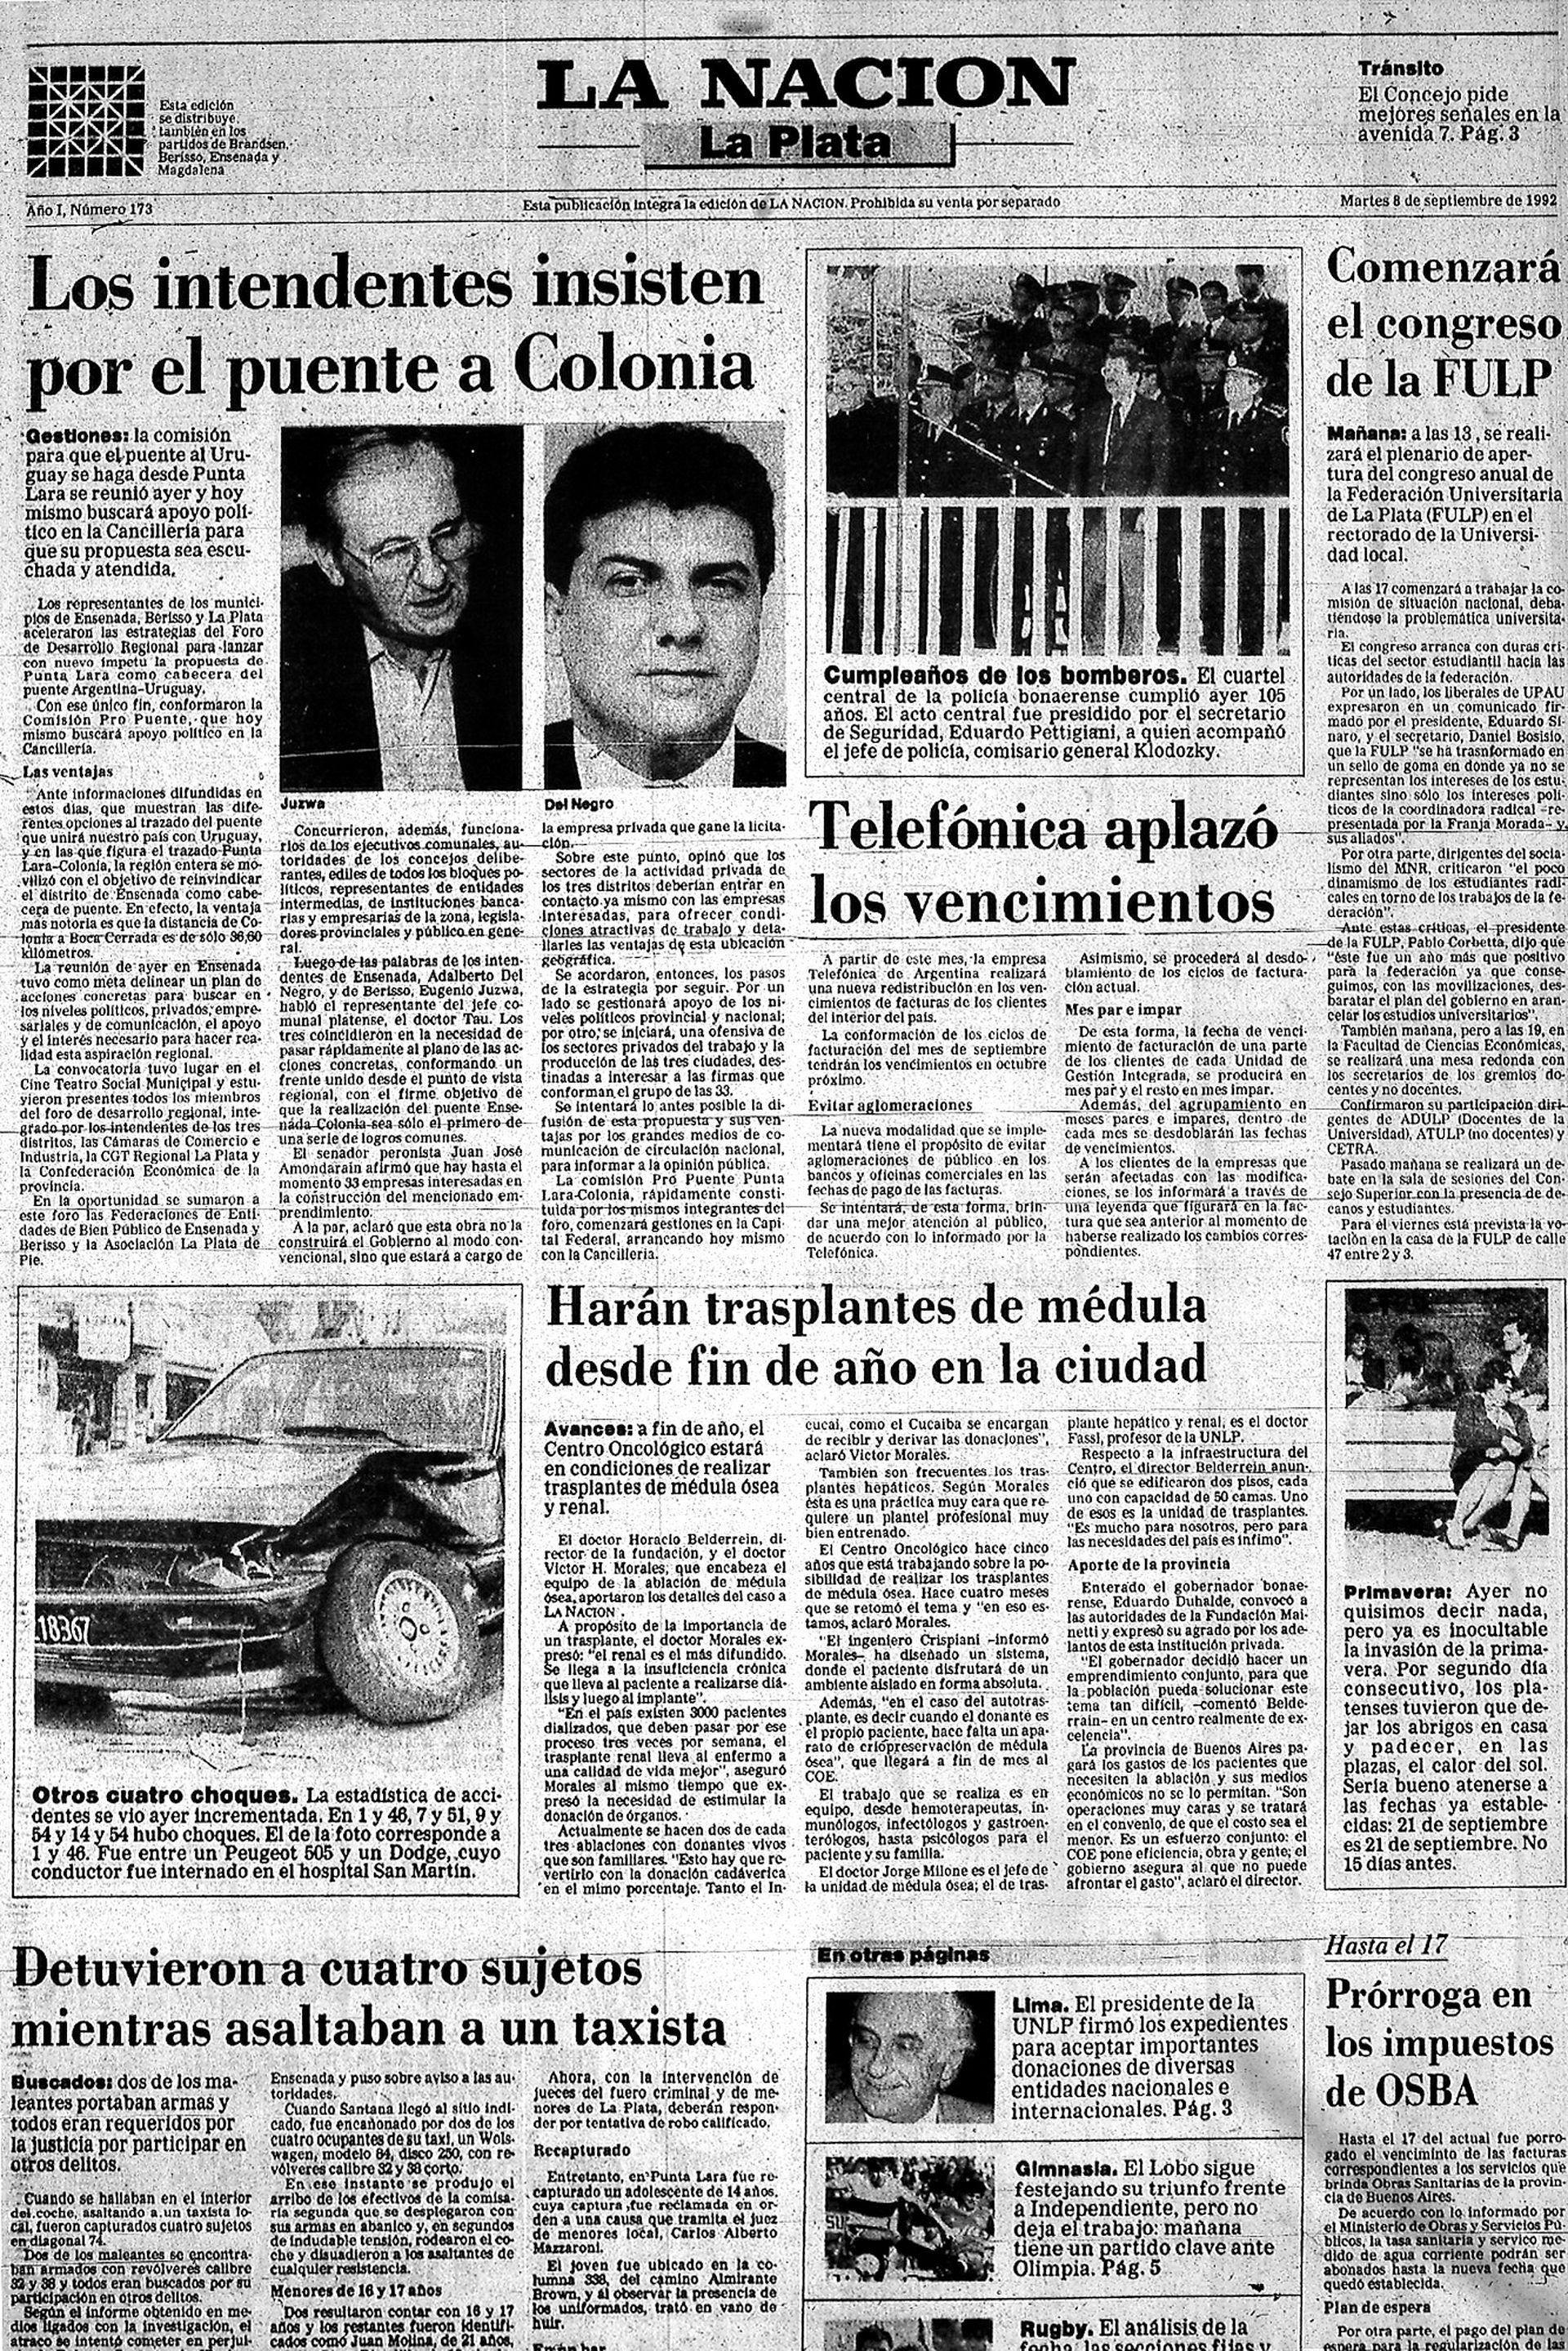 Nota publicada en LA NACION del 9 de septiembre de 1992